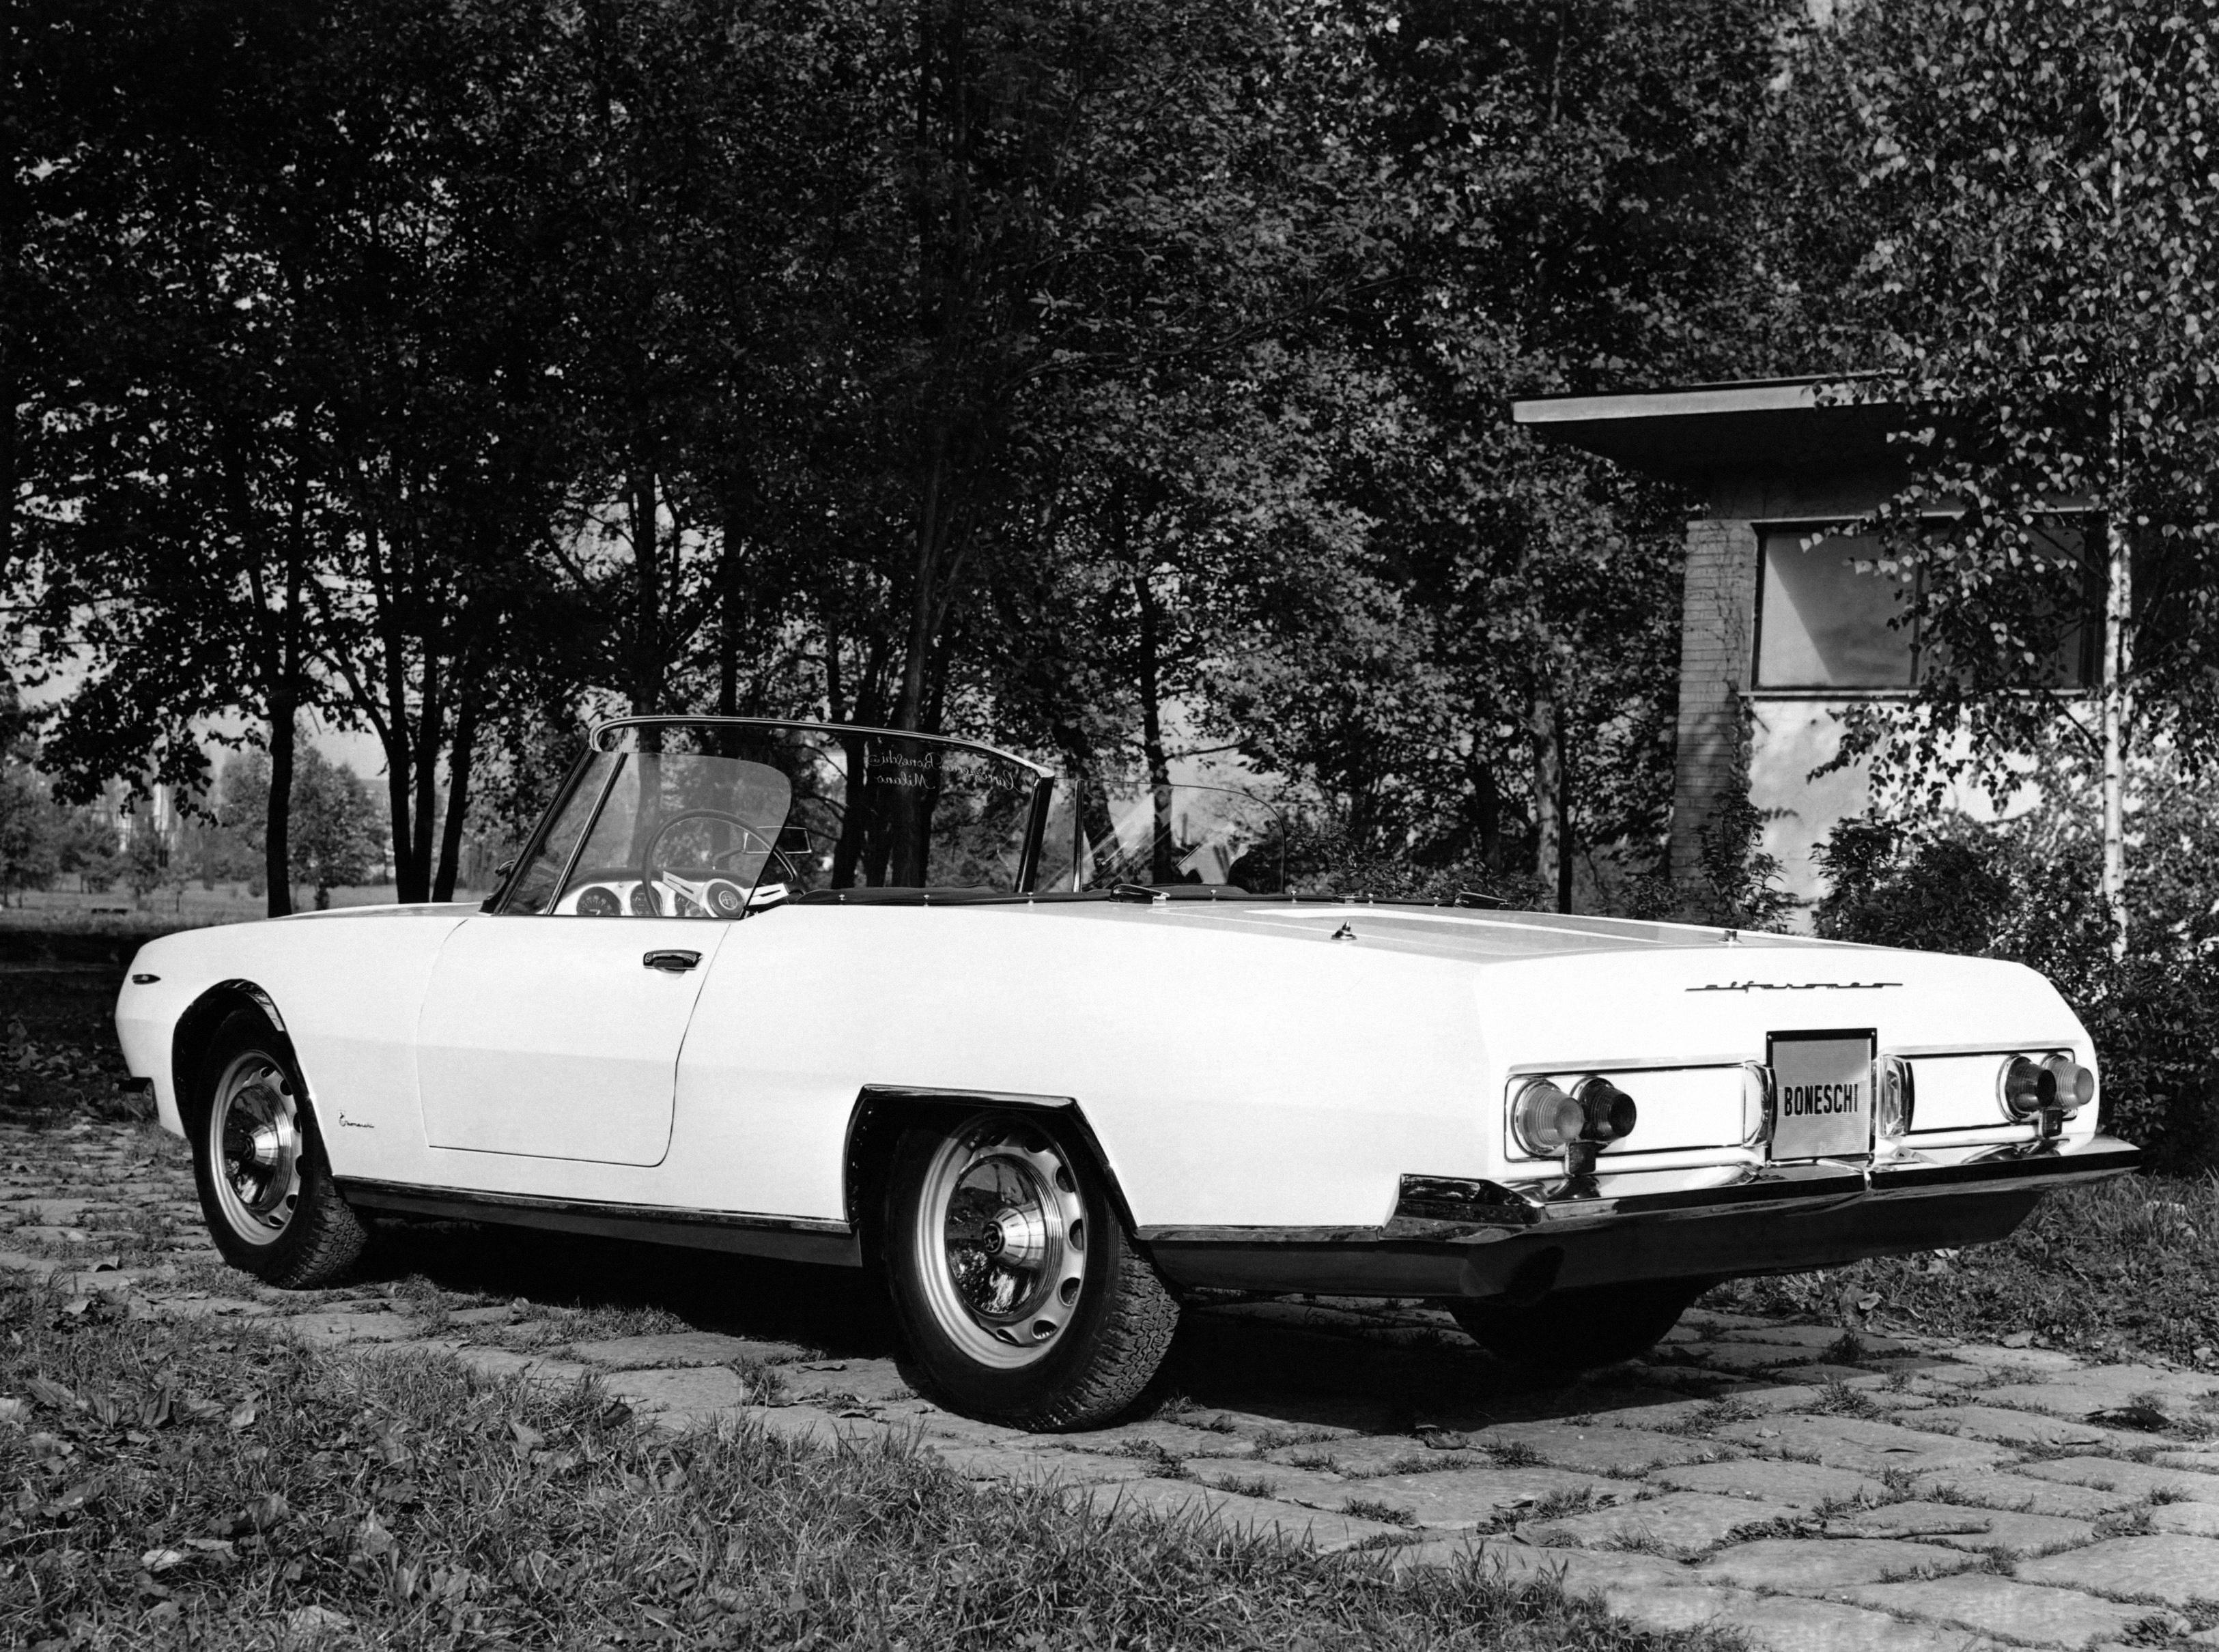 1963-Boneschi-Alfa-Romeo-2600-Cabriolet-Studionove-02